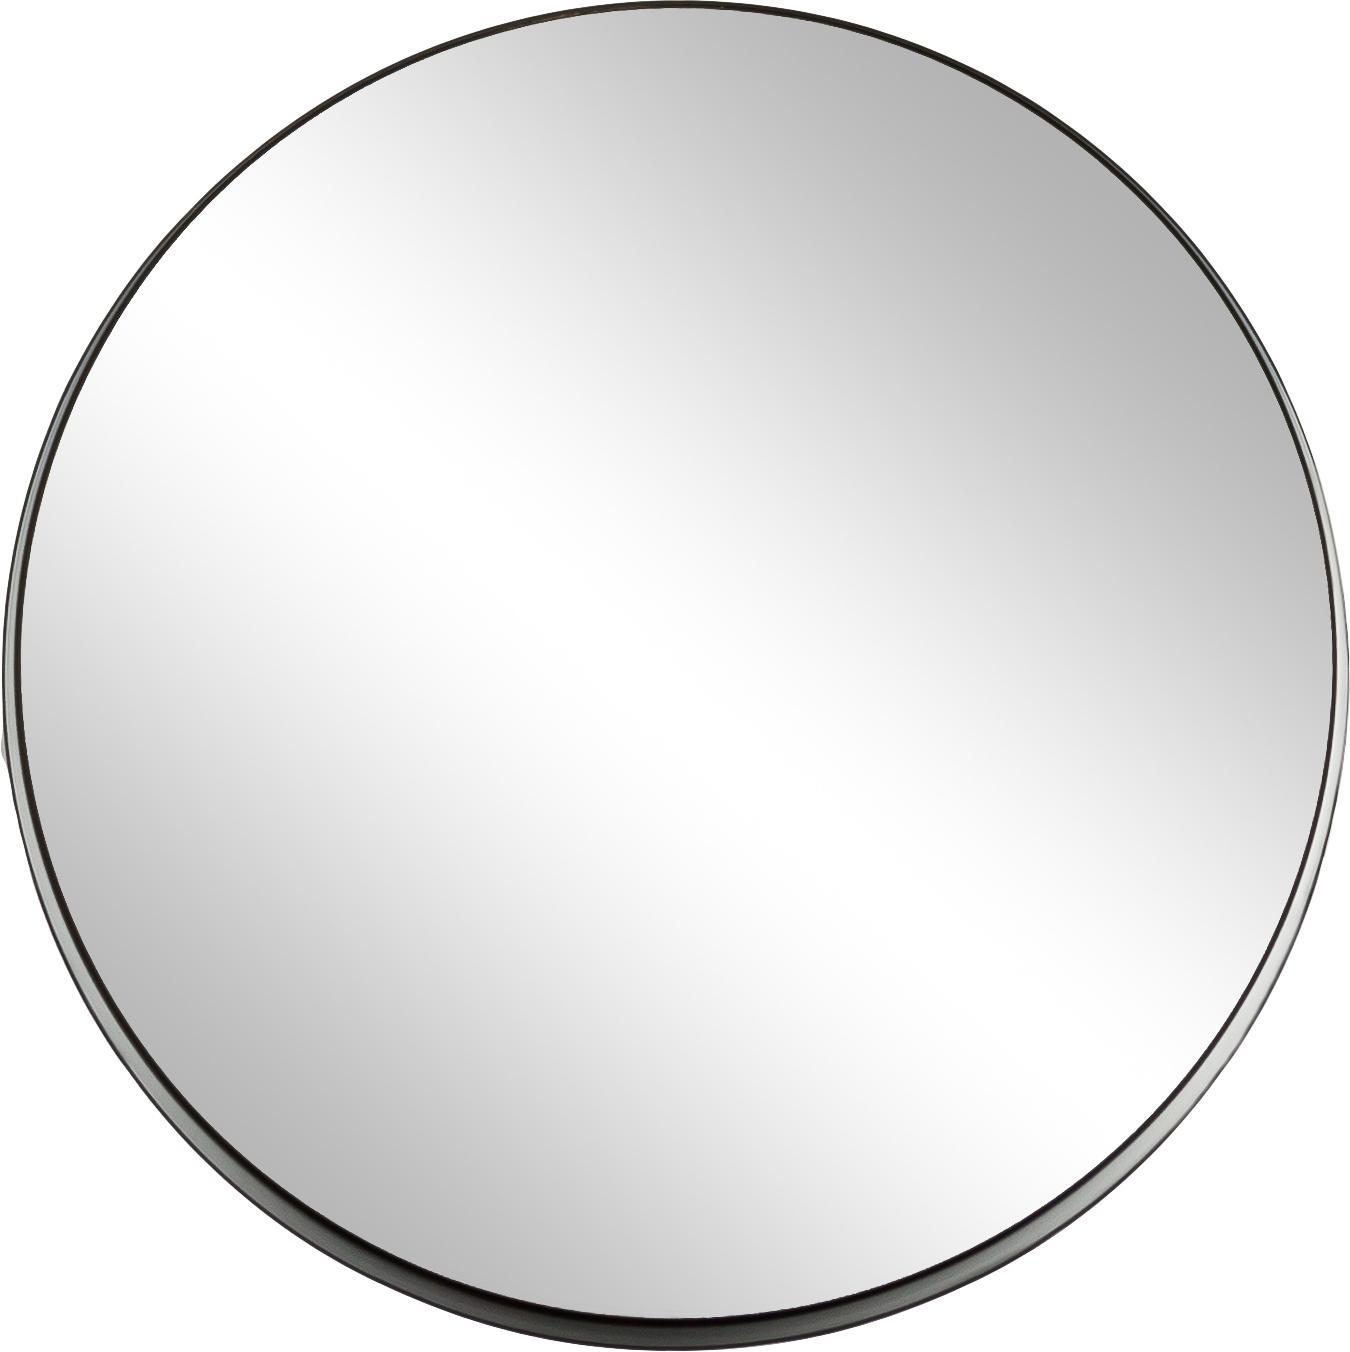 Wandspiegel Metal mit schwarzem Rahmen, Rahmen: Metall, lackiert mit gewo, Rahmen: Schwarz<br>Spiegelglas, Ø 43 cm